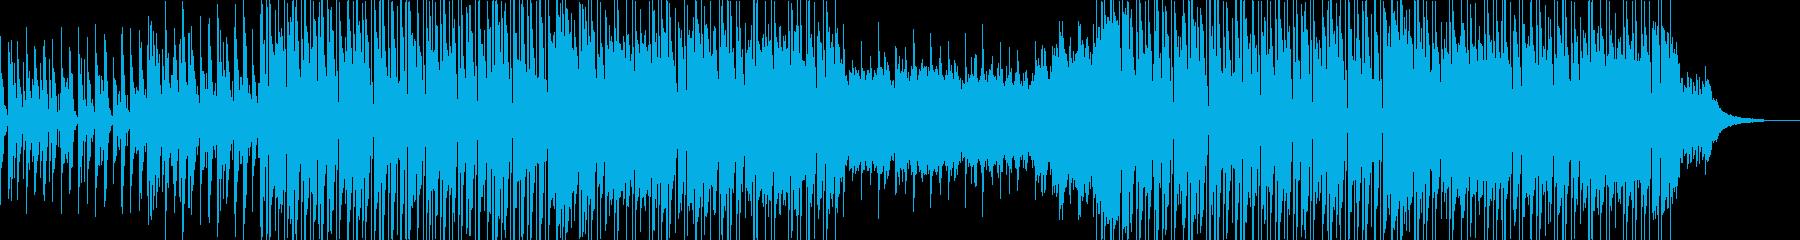 リズミカルでほのぼのかわいいポップスの再生済みの波形